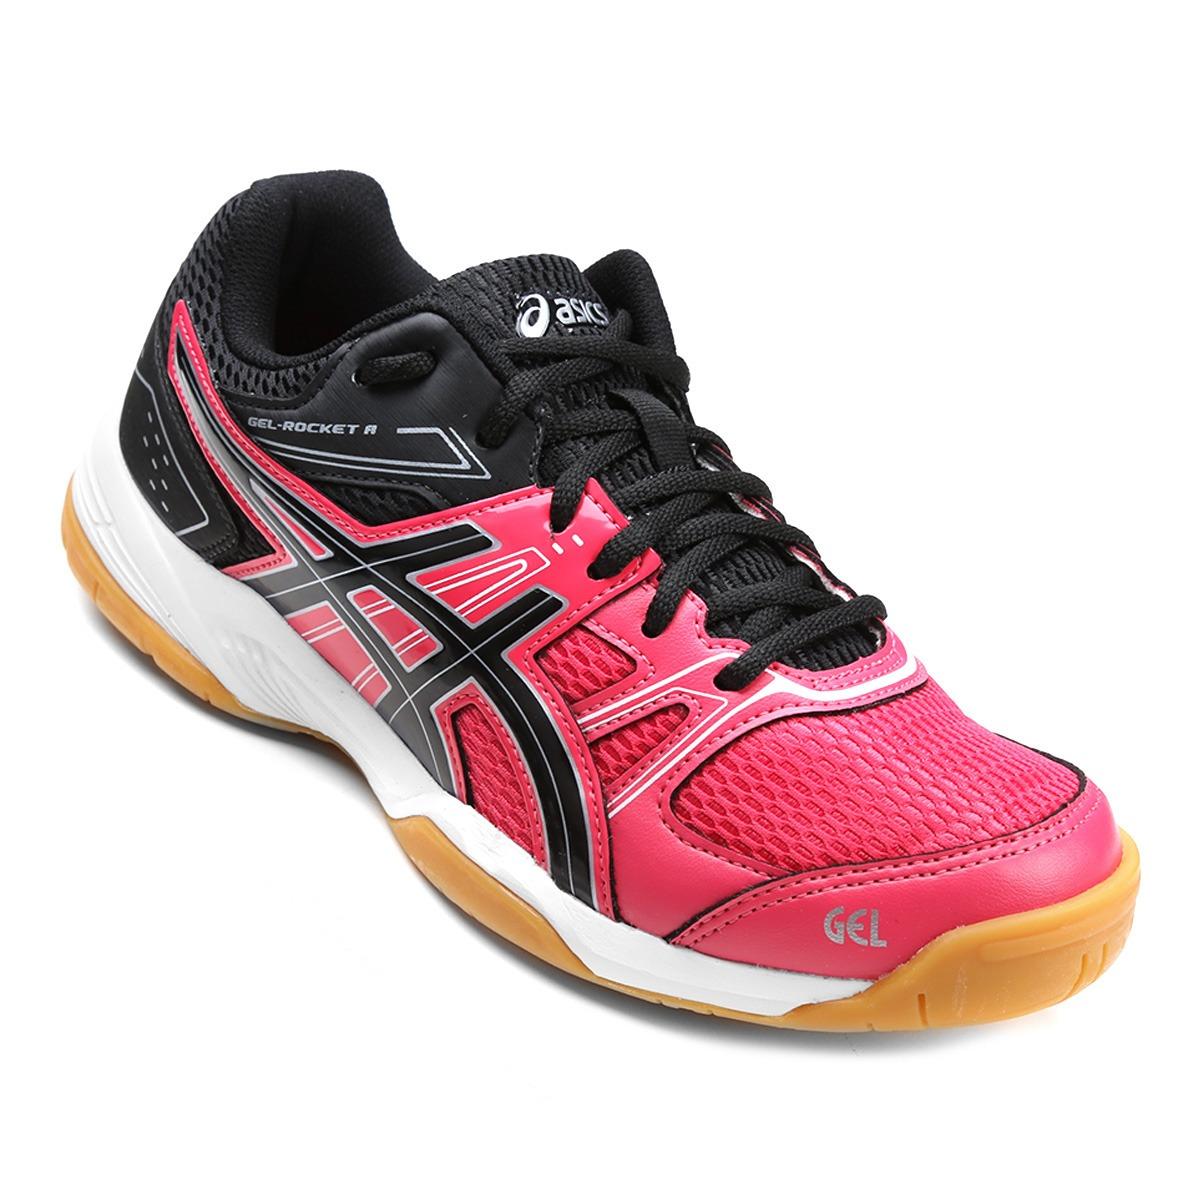 tênis asics gel rocket 7 a feminino vôlei - rosa e preto. Carregando zoom. 6947420a187dc